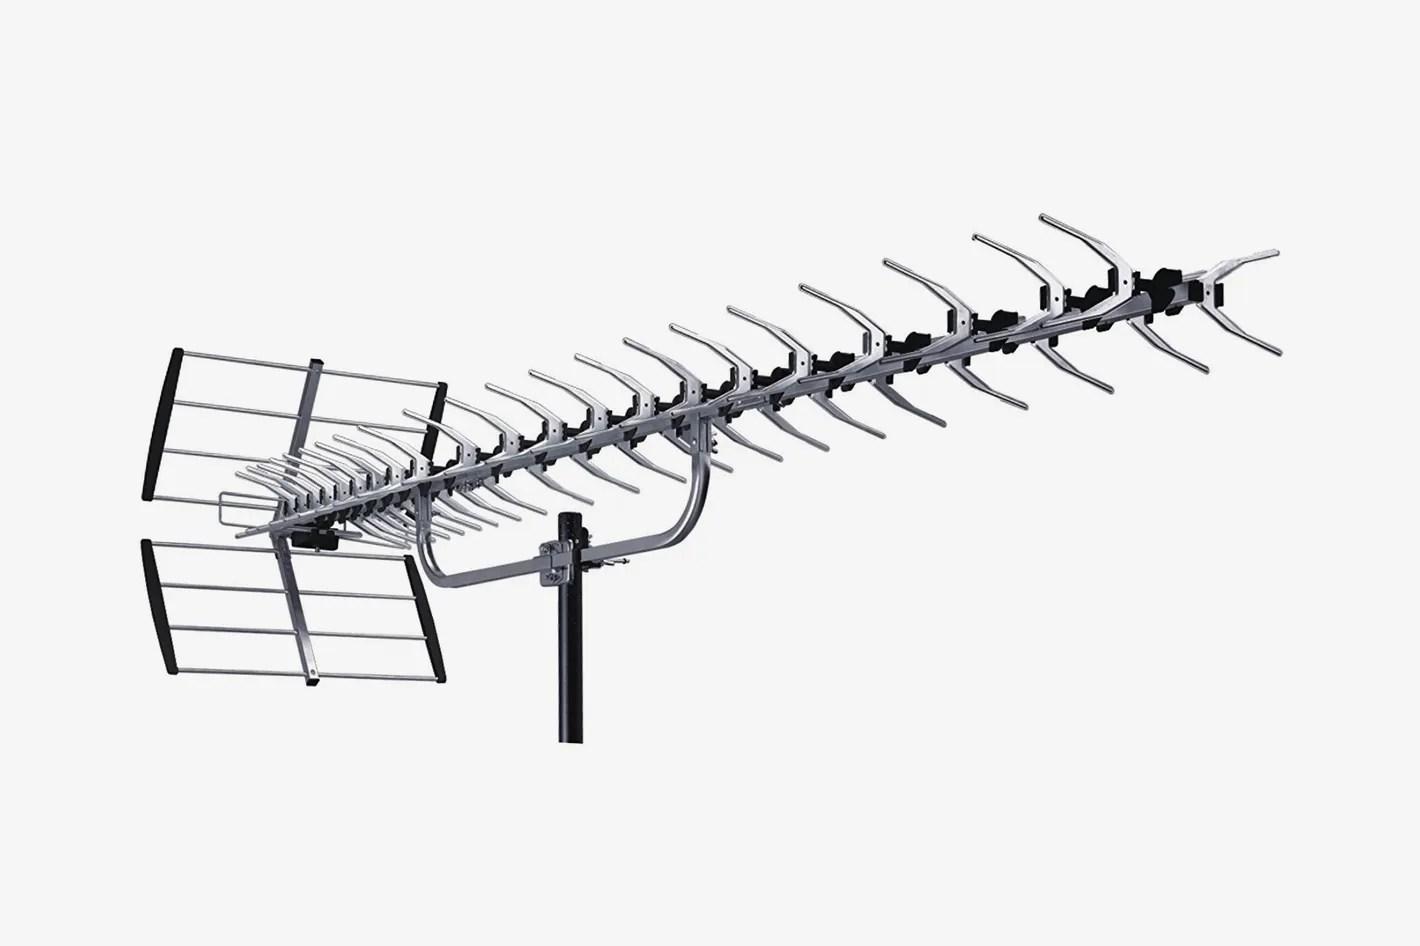 10 Best Outdoor Tv Antennas Attic Antennas And More